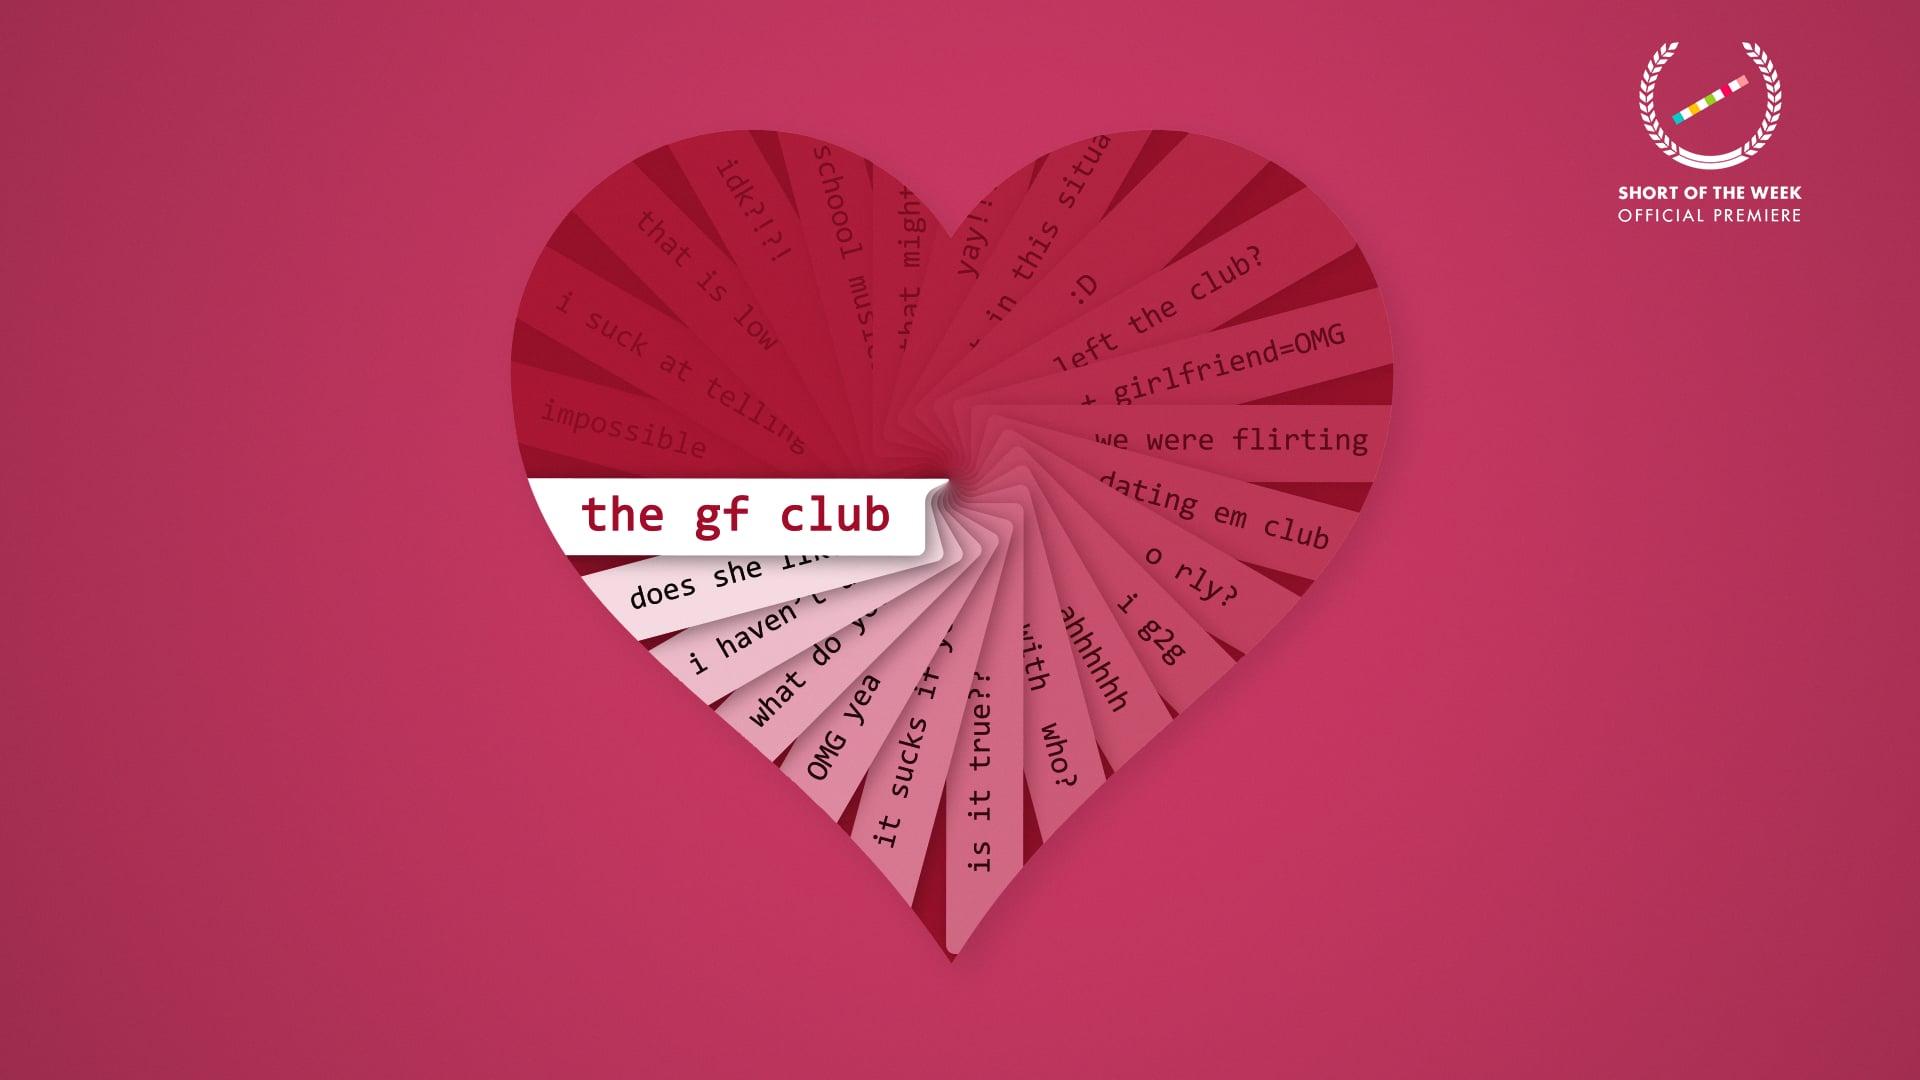 The GF Club